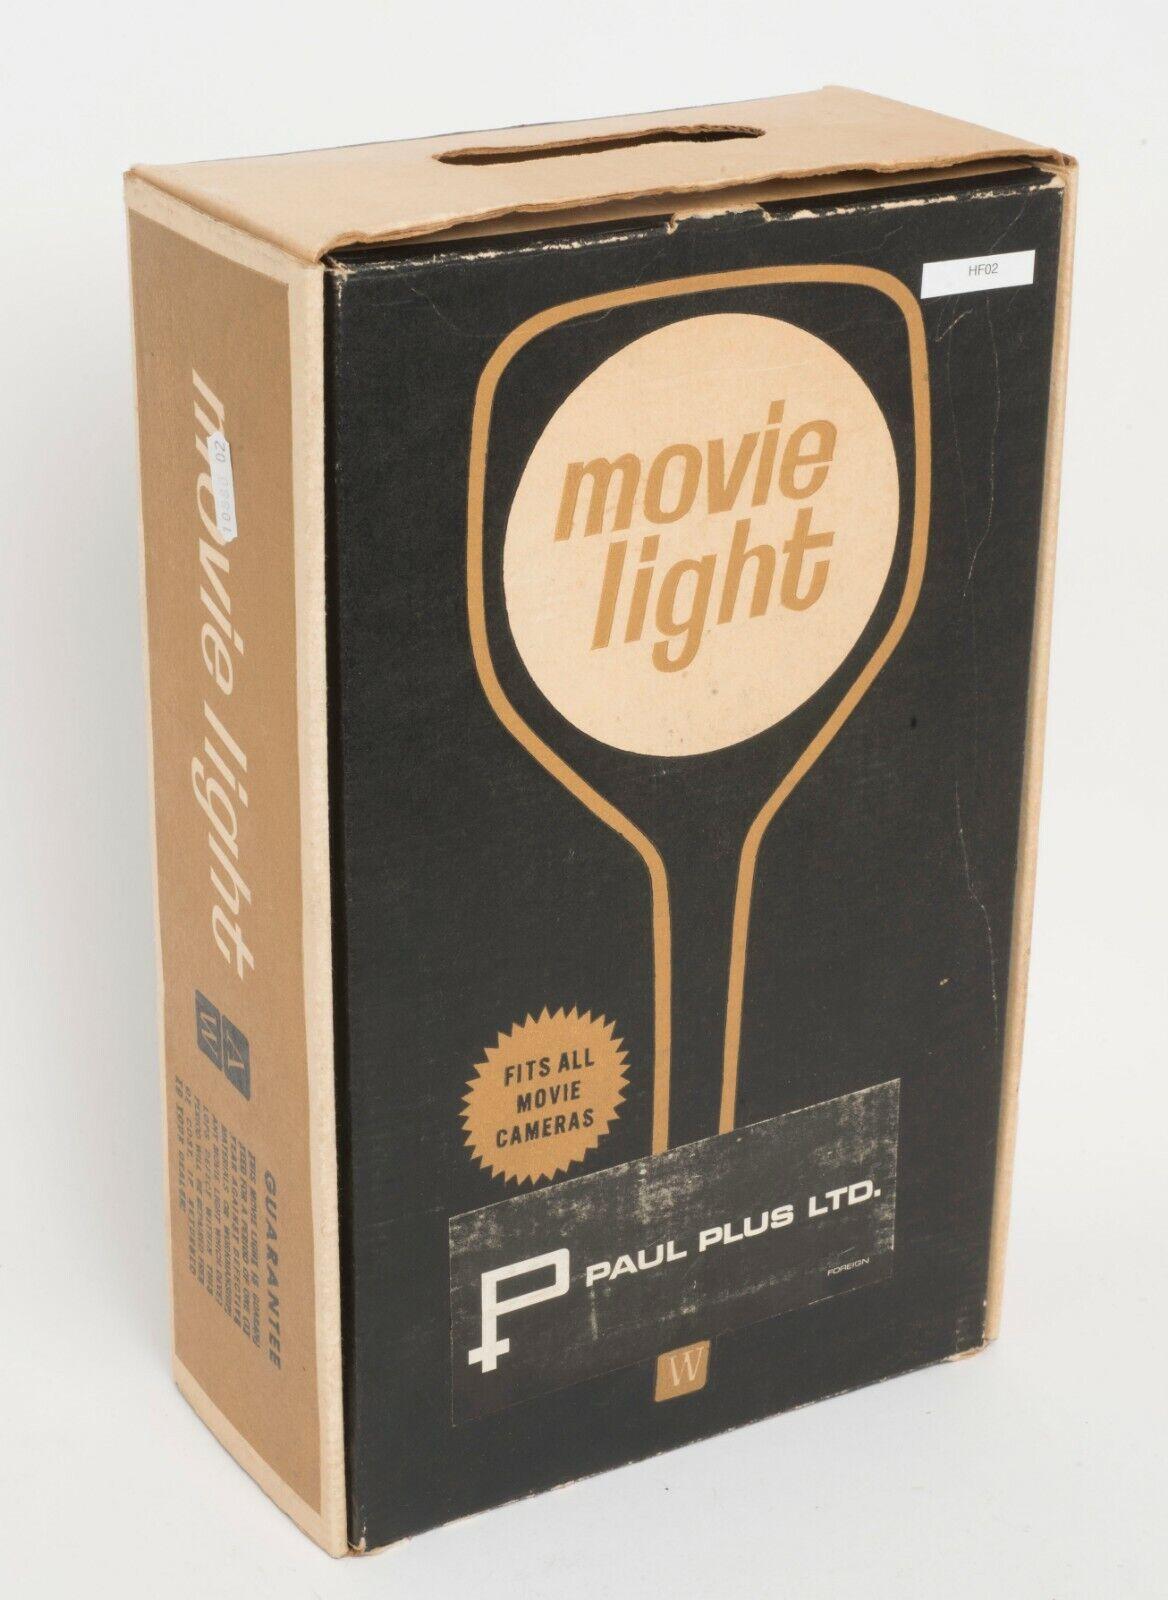 Vintage Bakelite 1960s Movie Light Paul Plus Ltd 650 watt. Boxed (HF02)